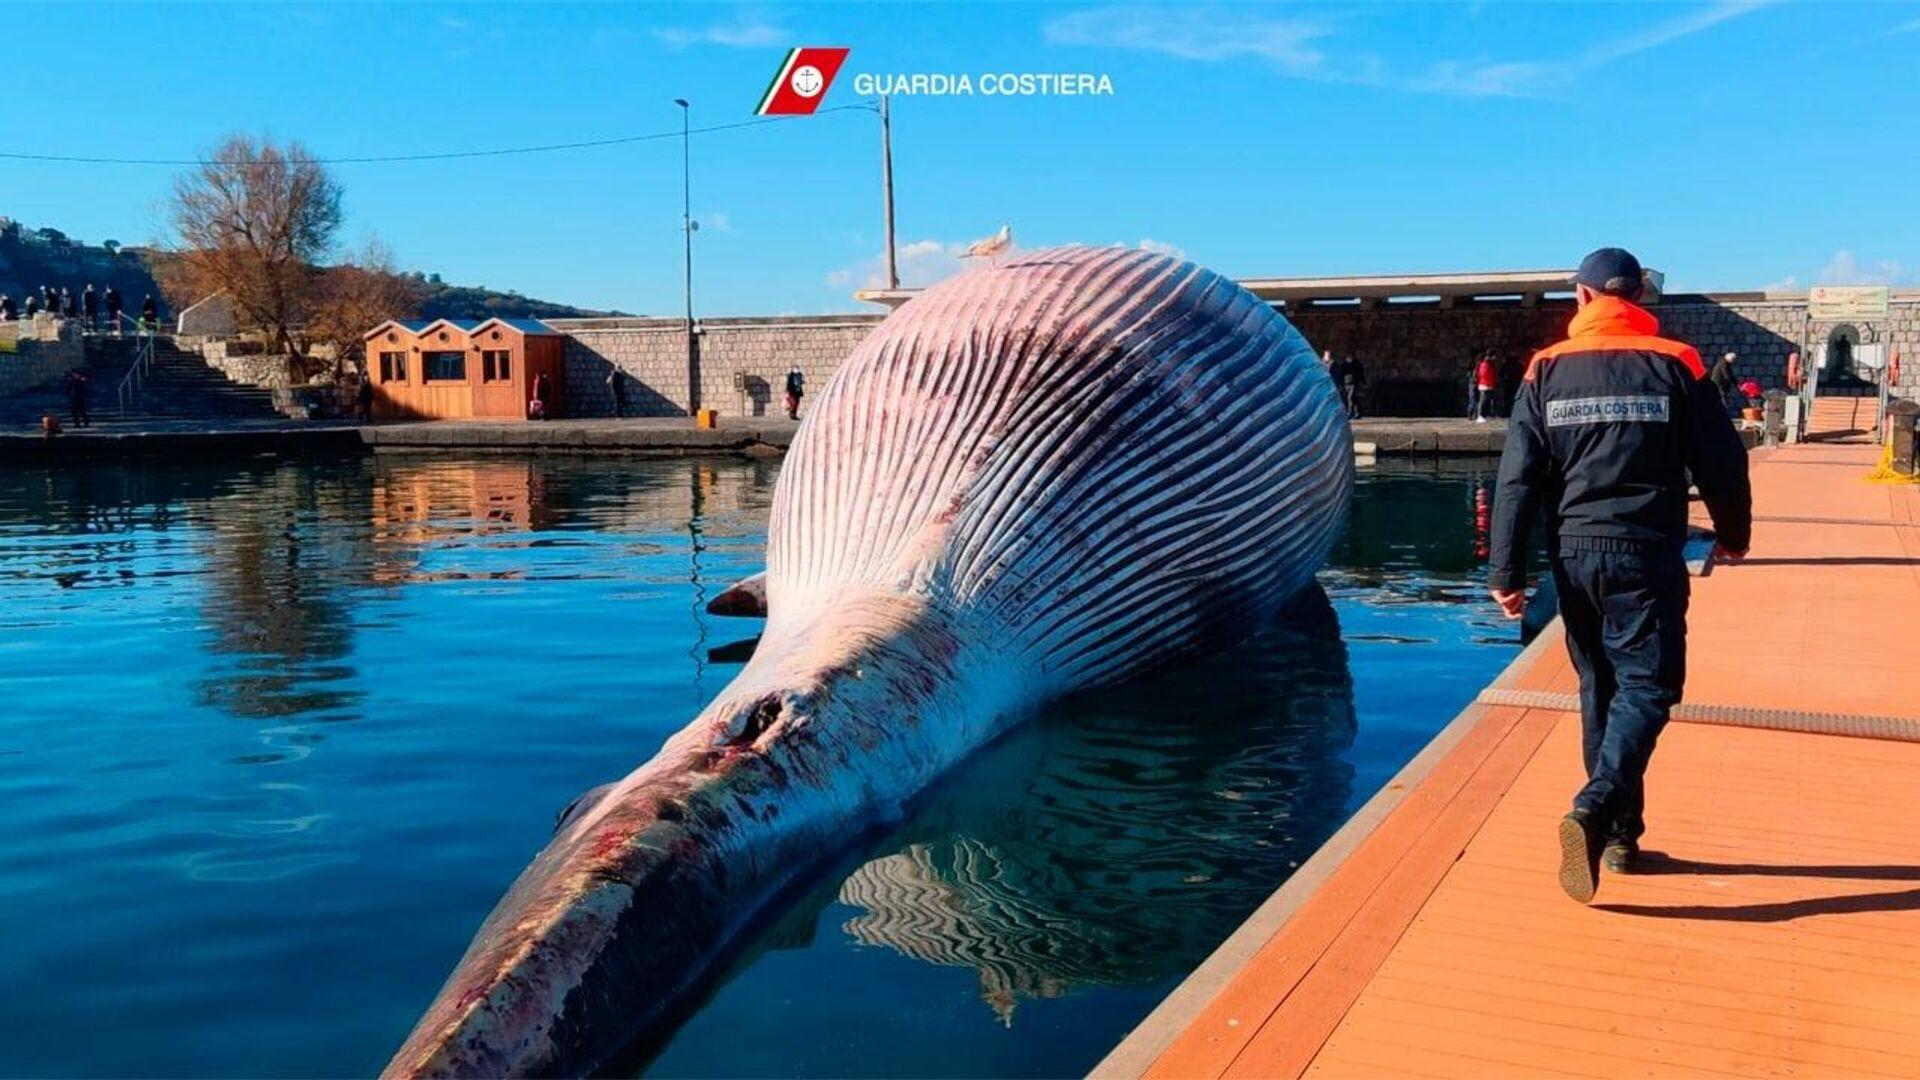 Туша огромного кита у побережья Италии - РИА Новости, 1920, 21.01.2021